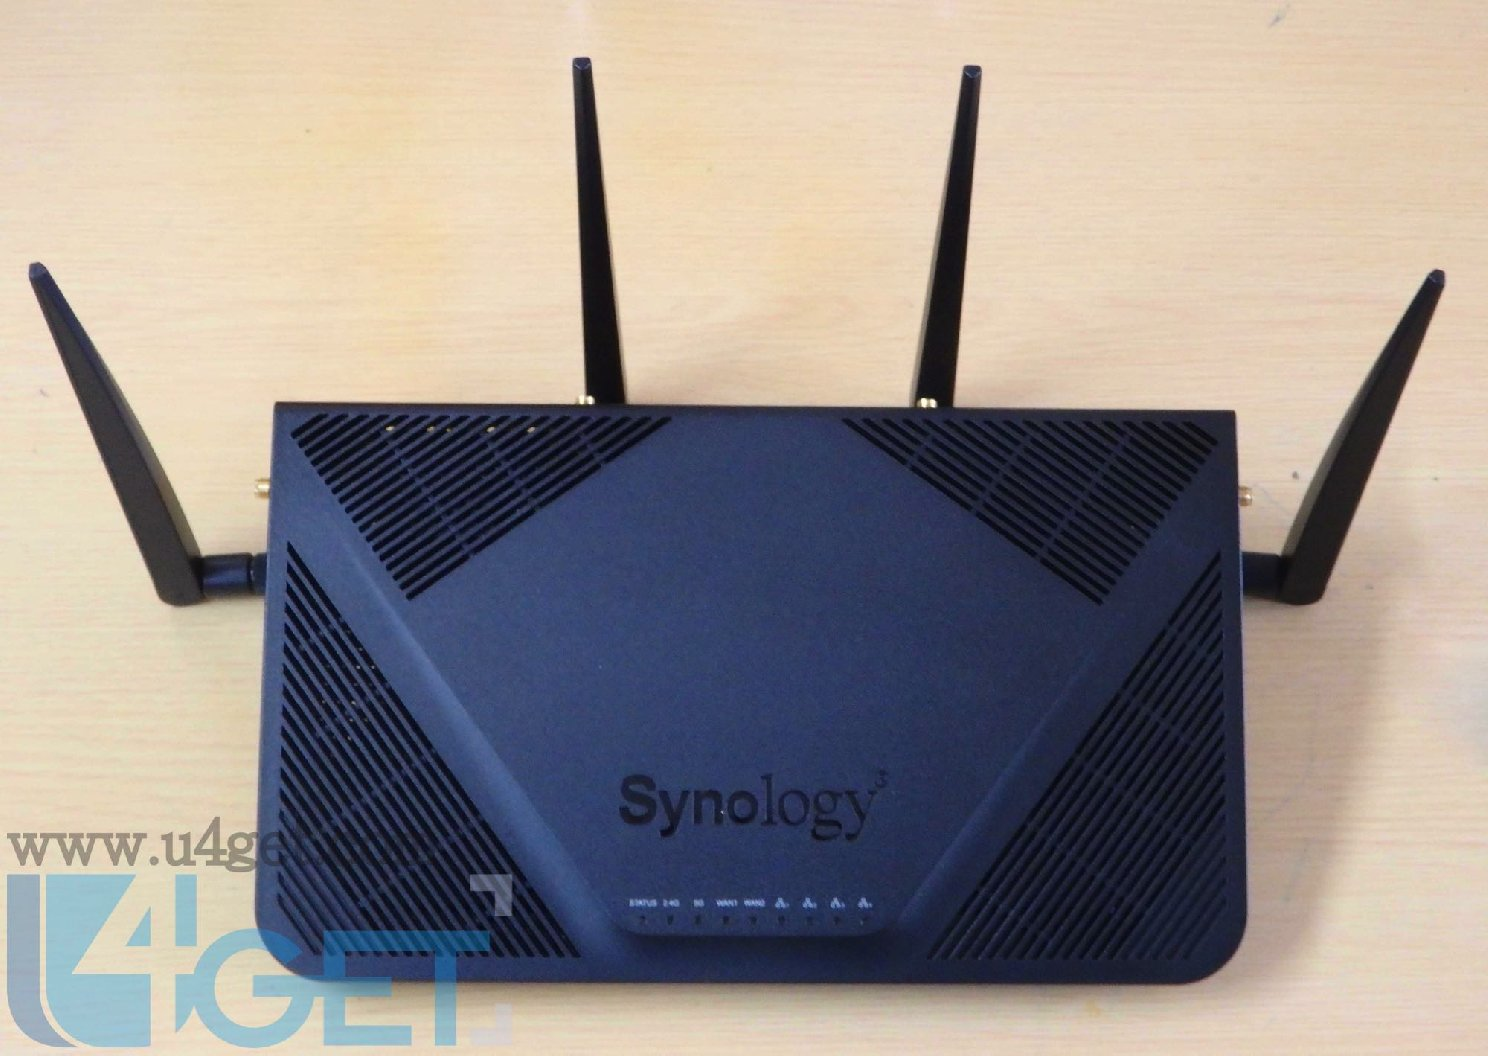 Synology RT2600ac Router 實測:「一分錢一分貨貴用幾年都抵」